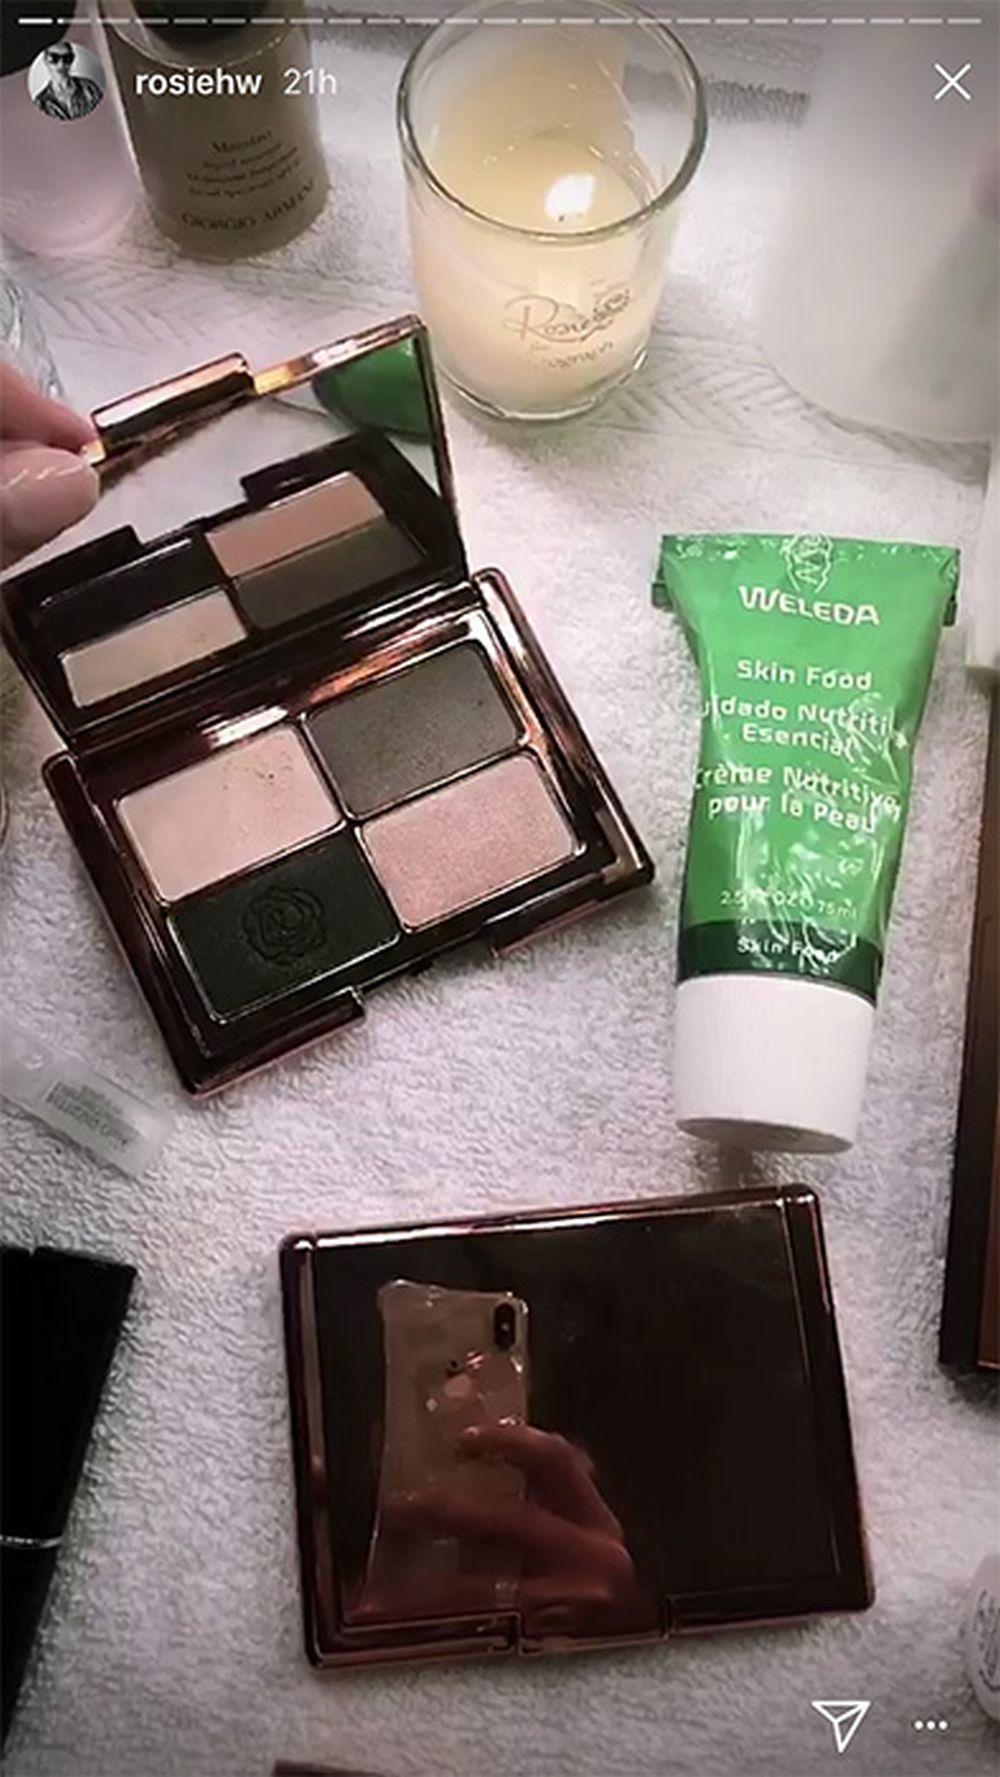 La crema Skin Food no falta en el bolso de Rosie Huntington ni en sus rituales de belleza.